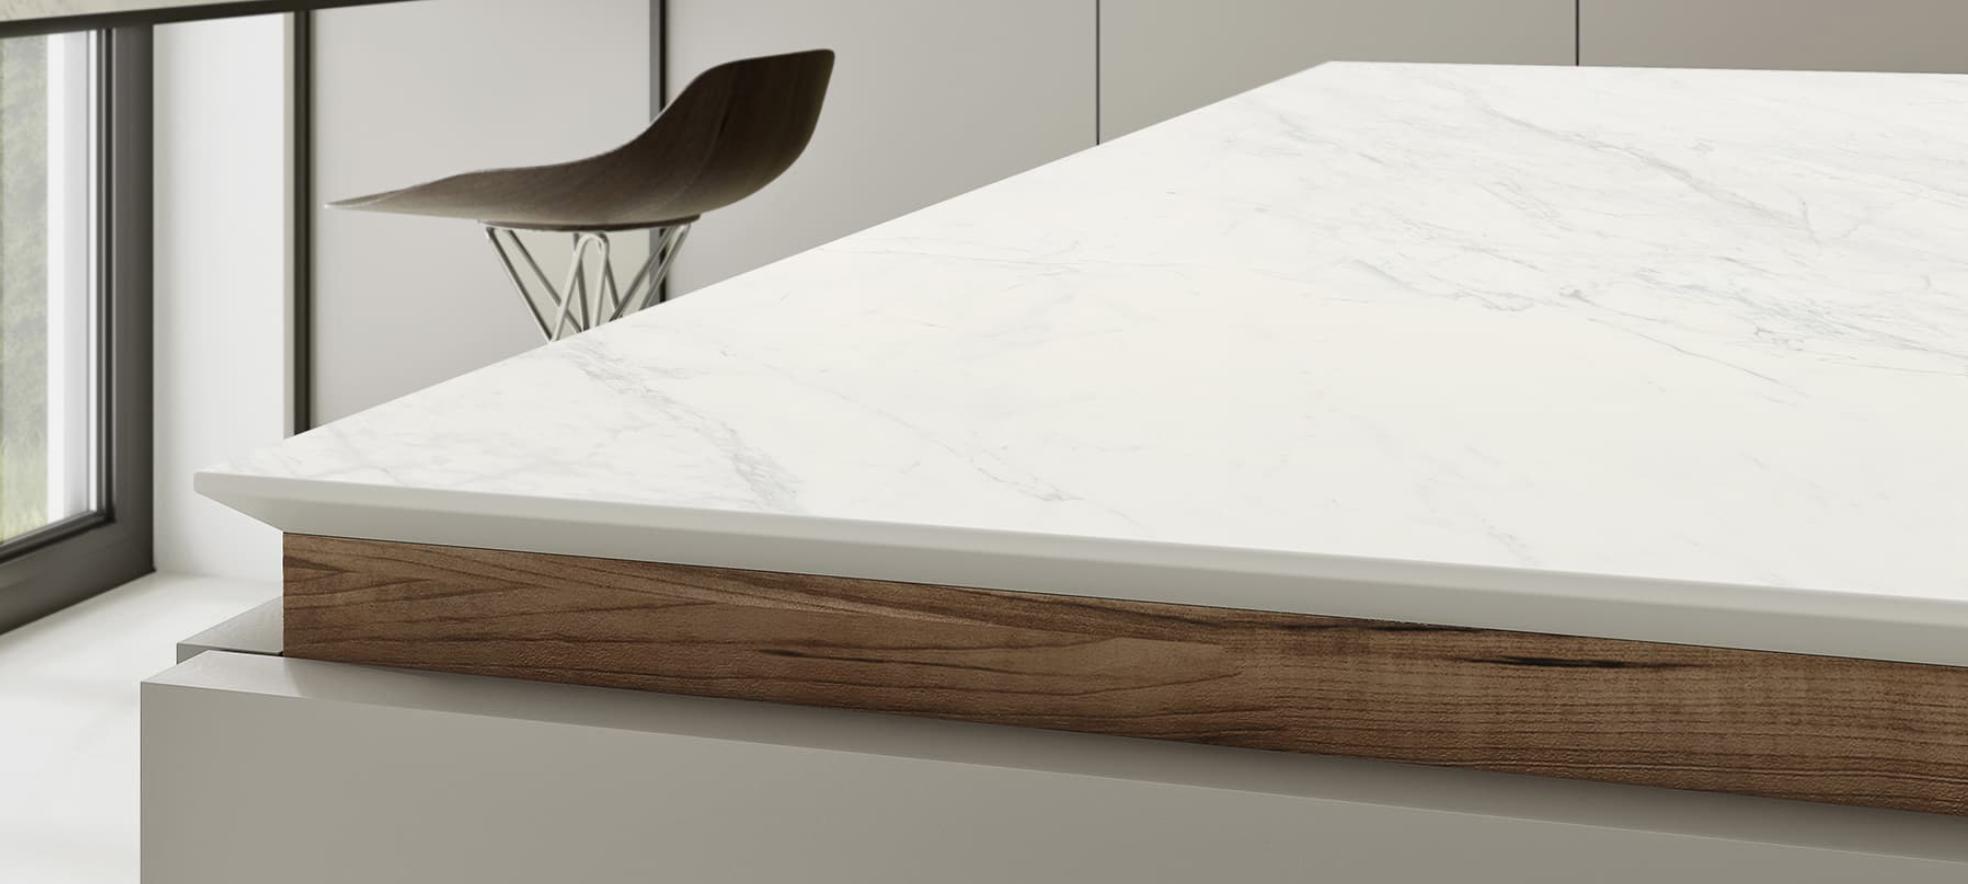 XTONE Porcelanosa - plan de travail en céramique effet marbre - Comprex & Armony Cuisine La Garenne Colombes